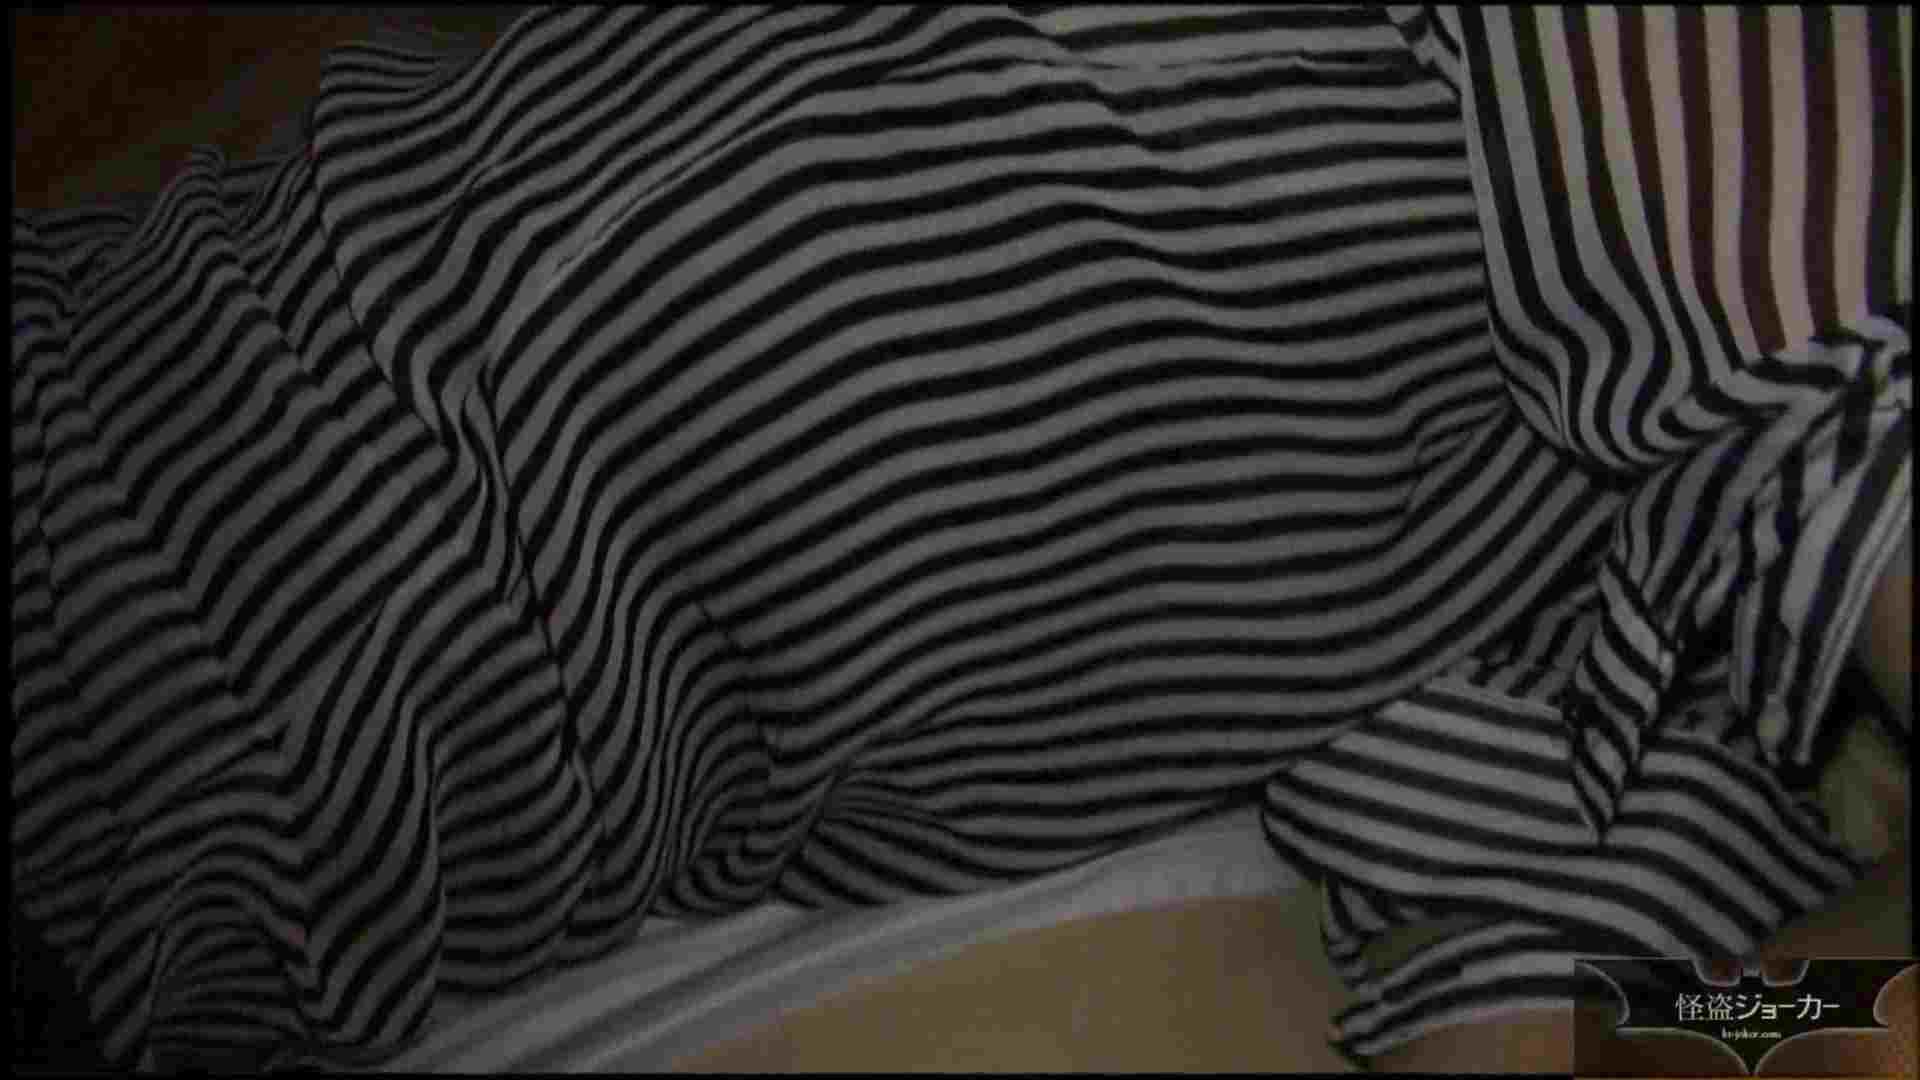 【未公開】vol.65 {黒髪美少女18歳}AIちゃん、連れ込み悪戯③ 反撃の悪戯 | OLの実態  93pic 29